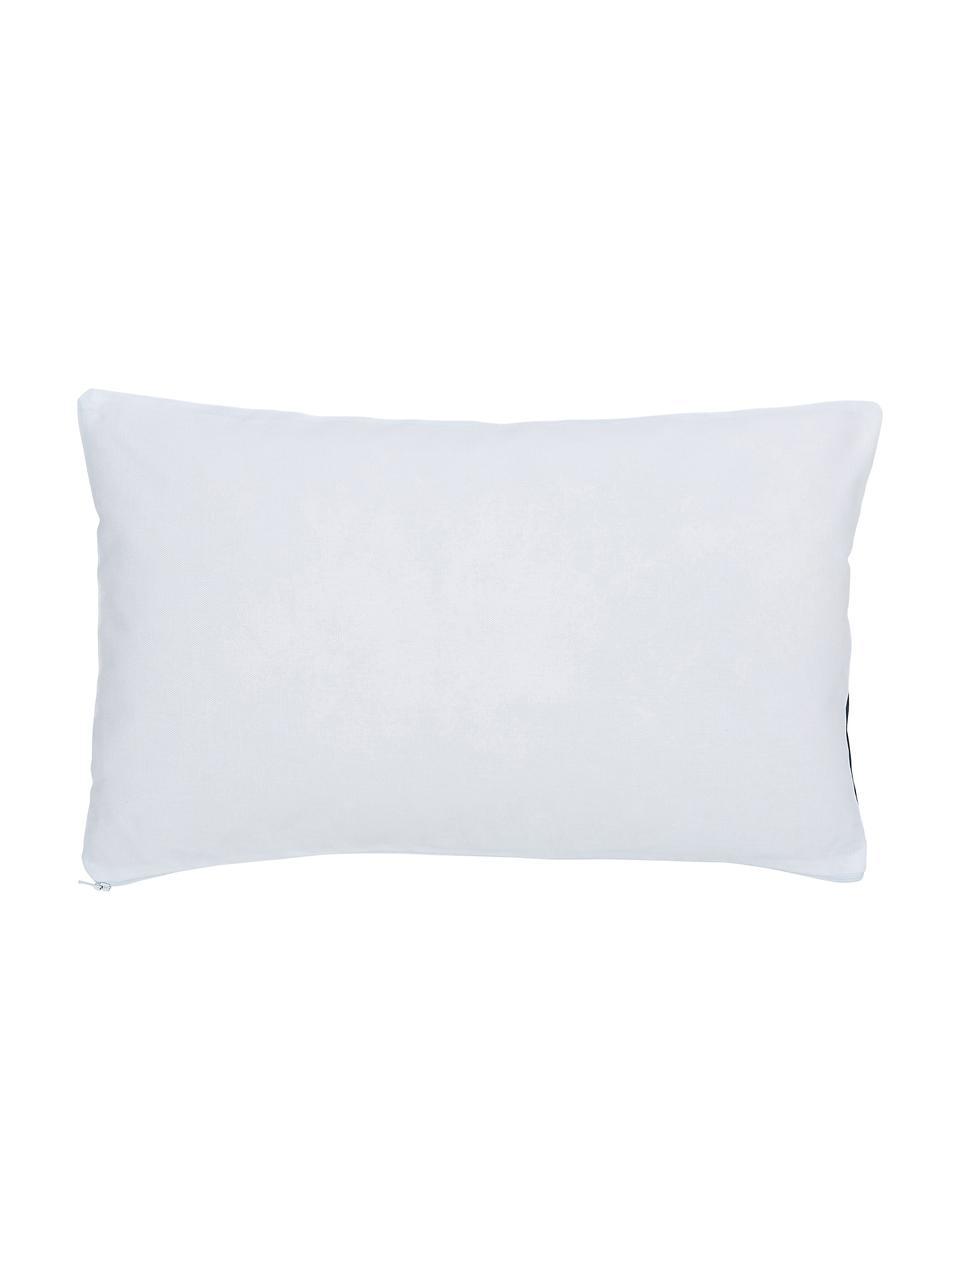 Gestreifte Kissenhülle Ren in Dunkelblau/Weiß, 100% Baumwolle, Weiß, Dunkelblau, 30 x 50 cm